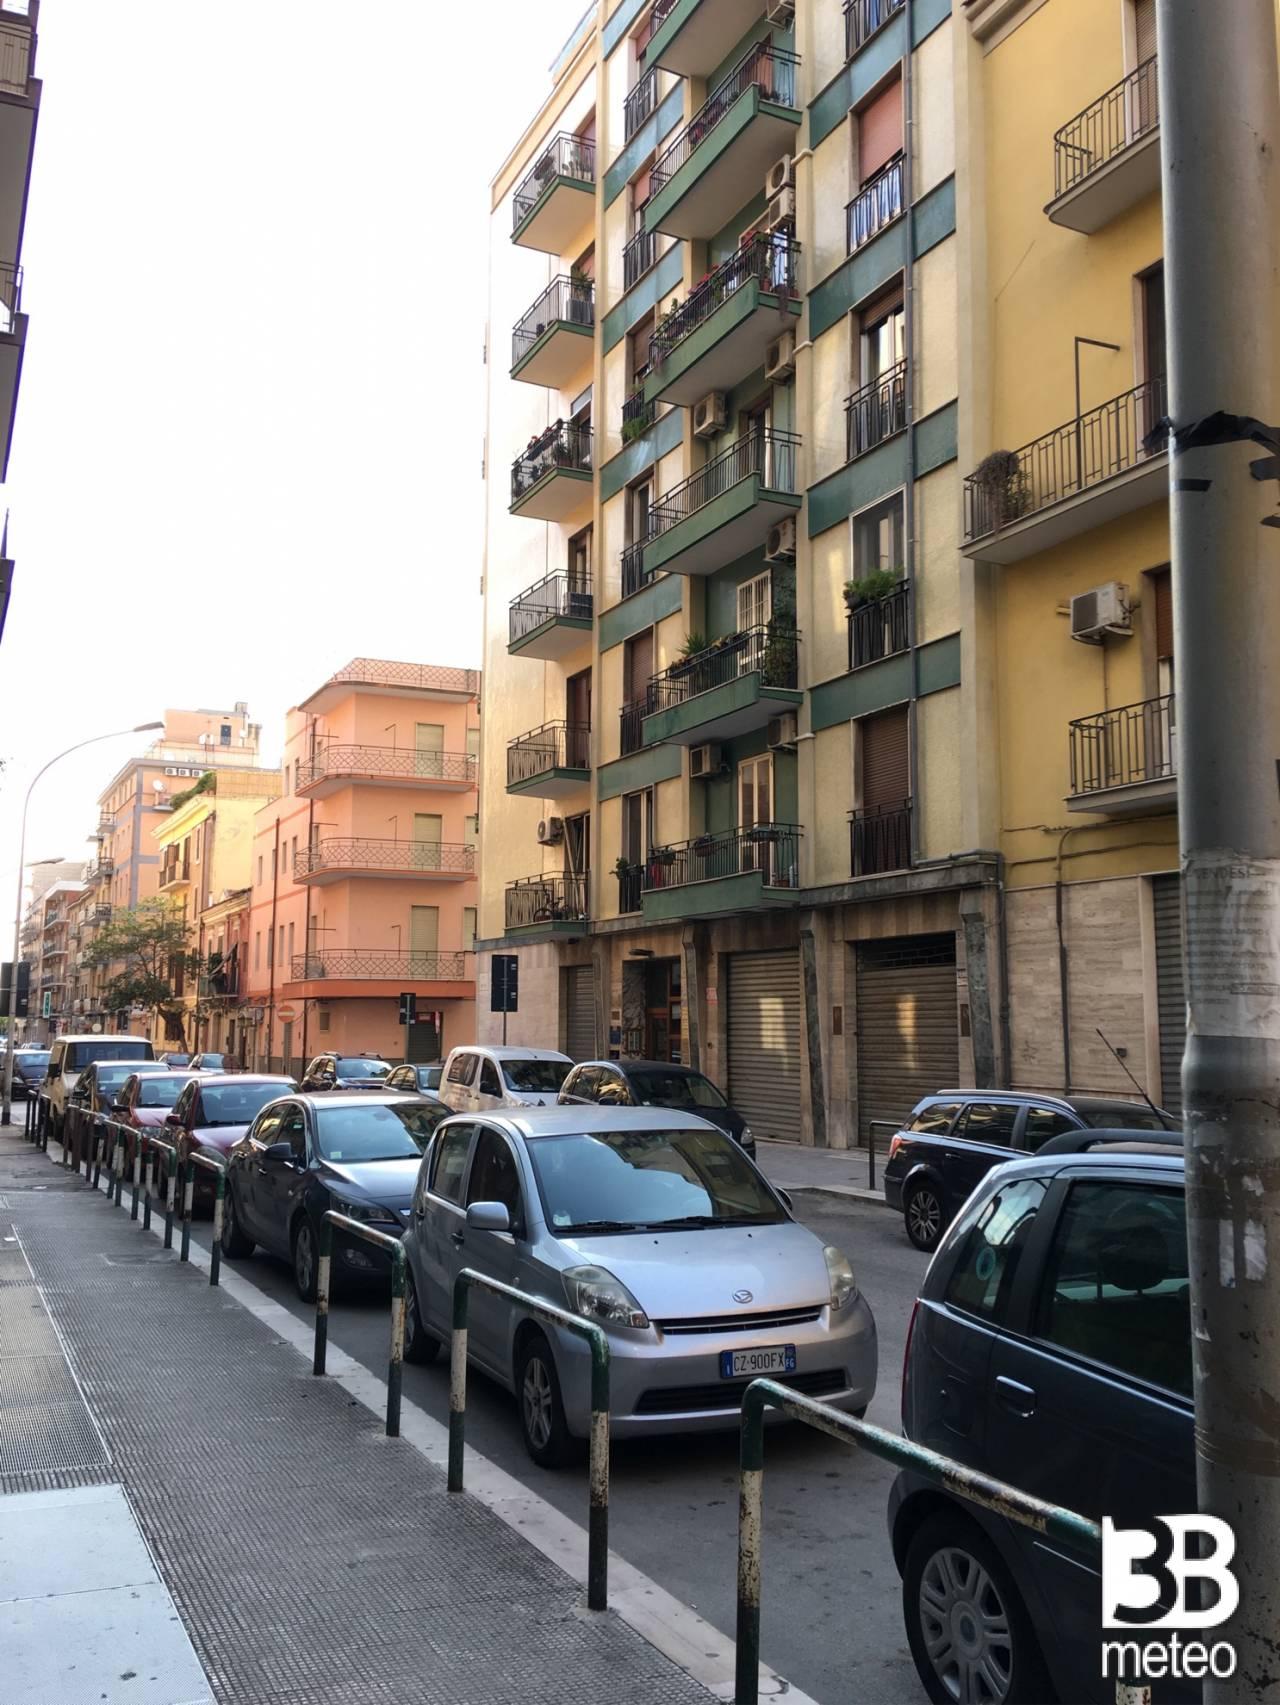 Foto Meteo: Foggia Via Trento « 3B Meteo